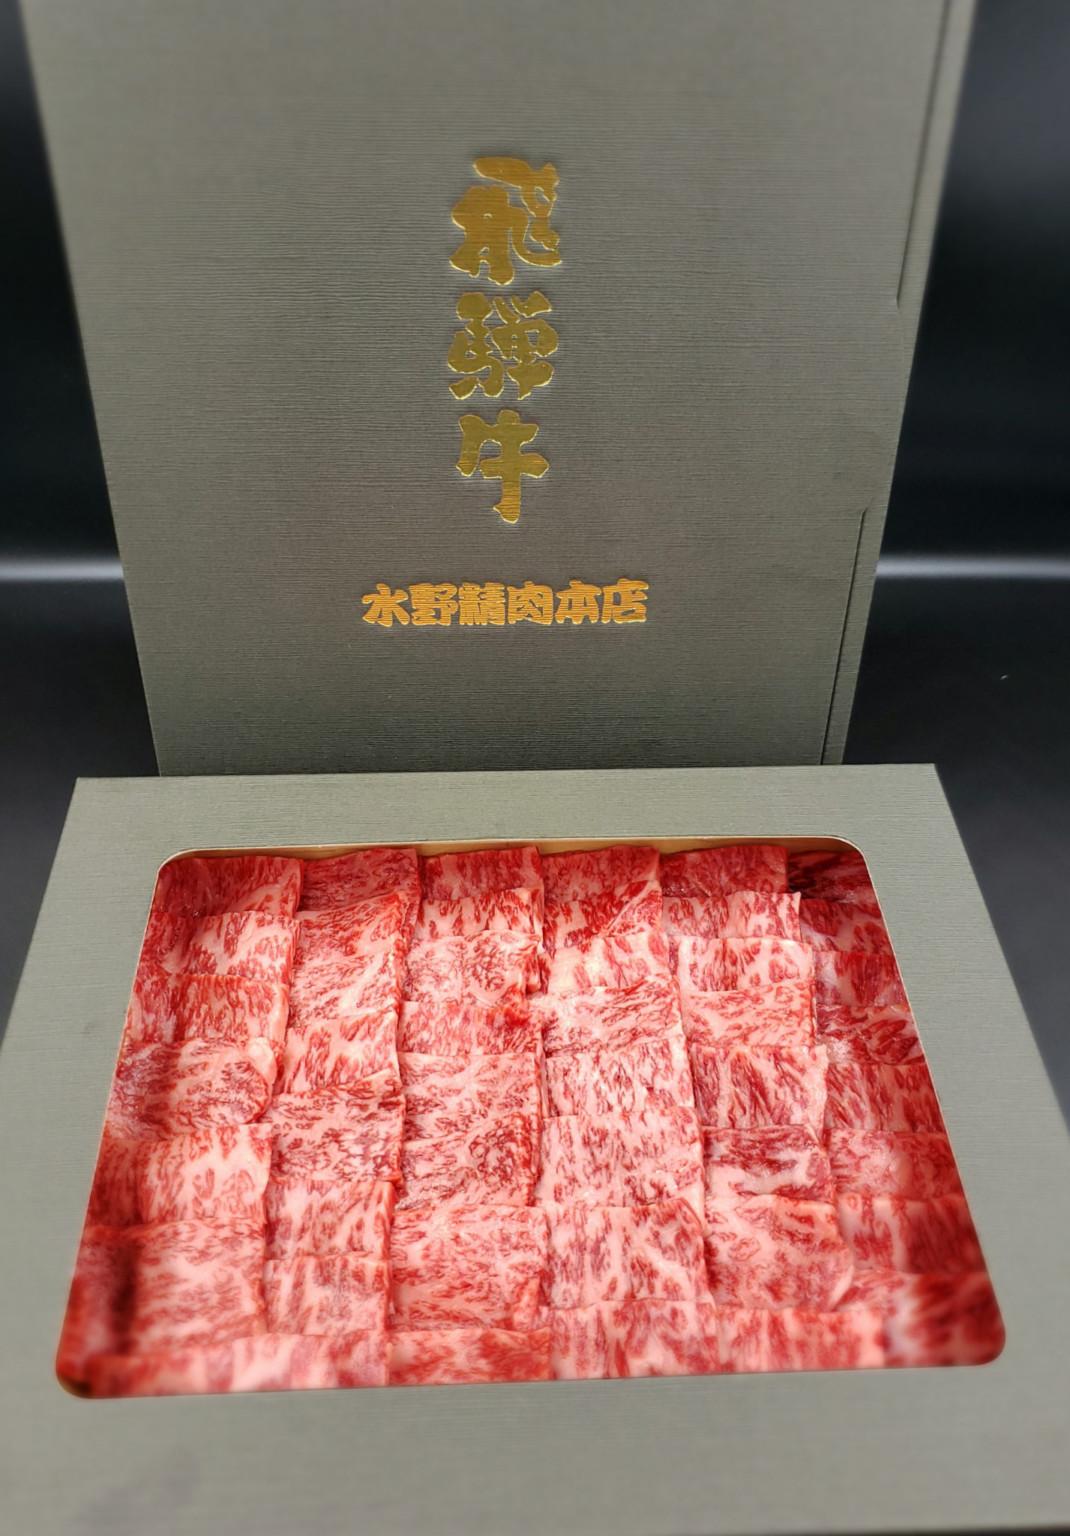 飛騨牛A5等級 焼肉(4~5人前)